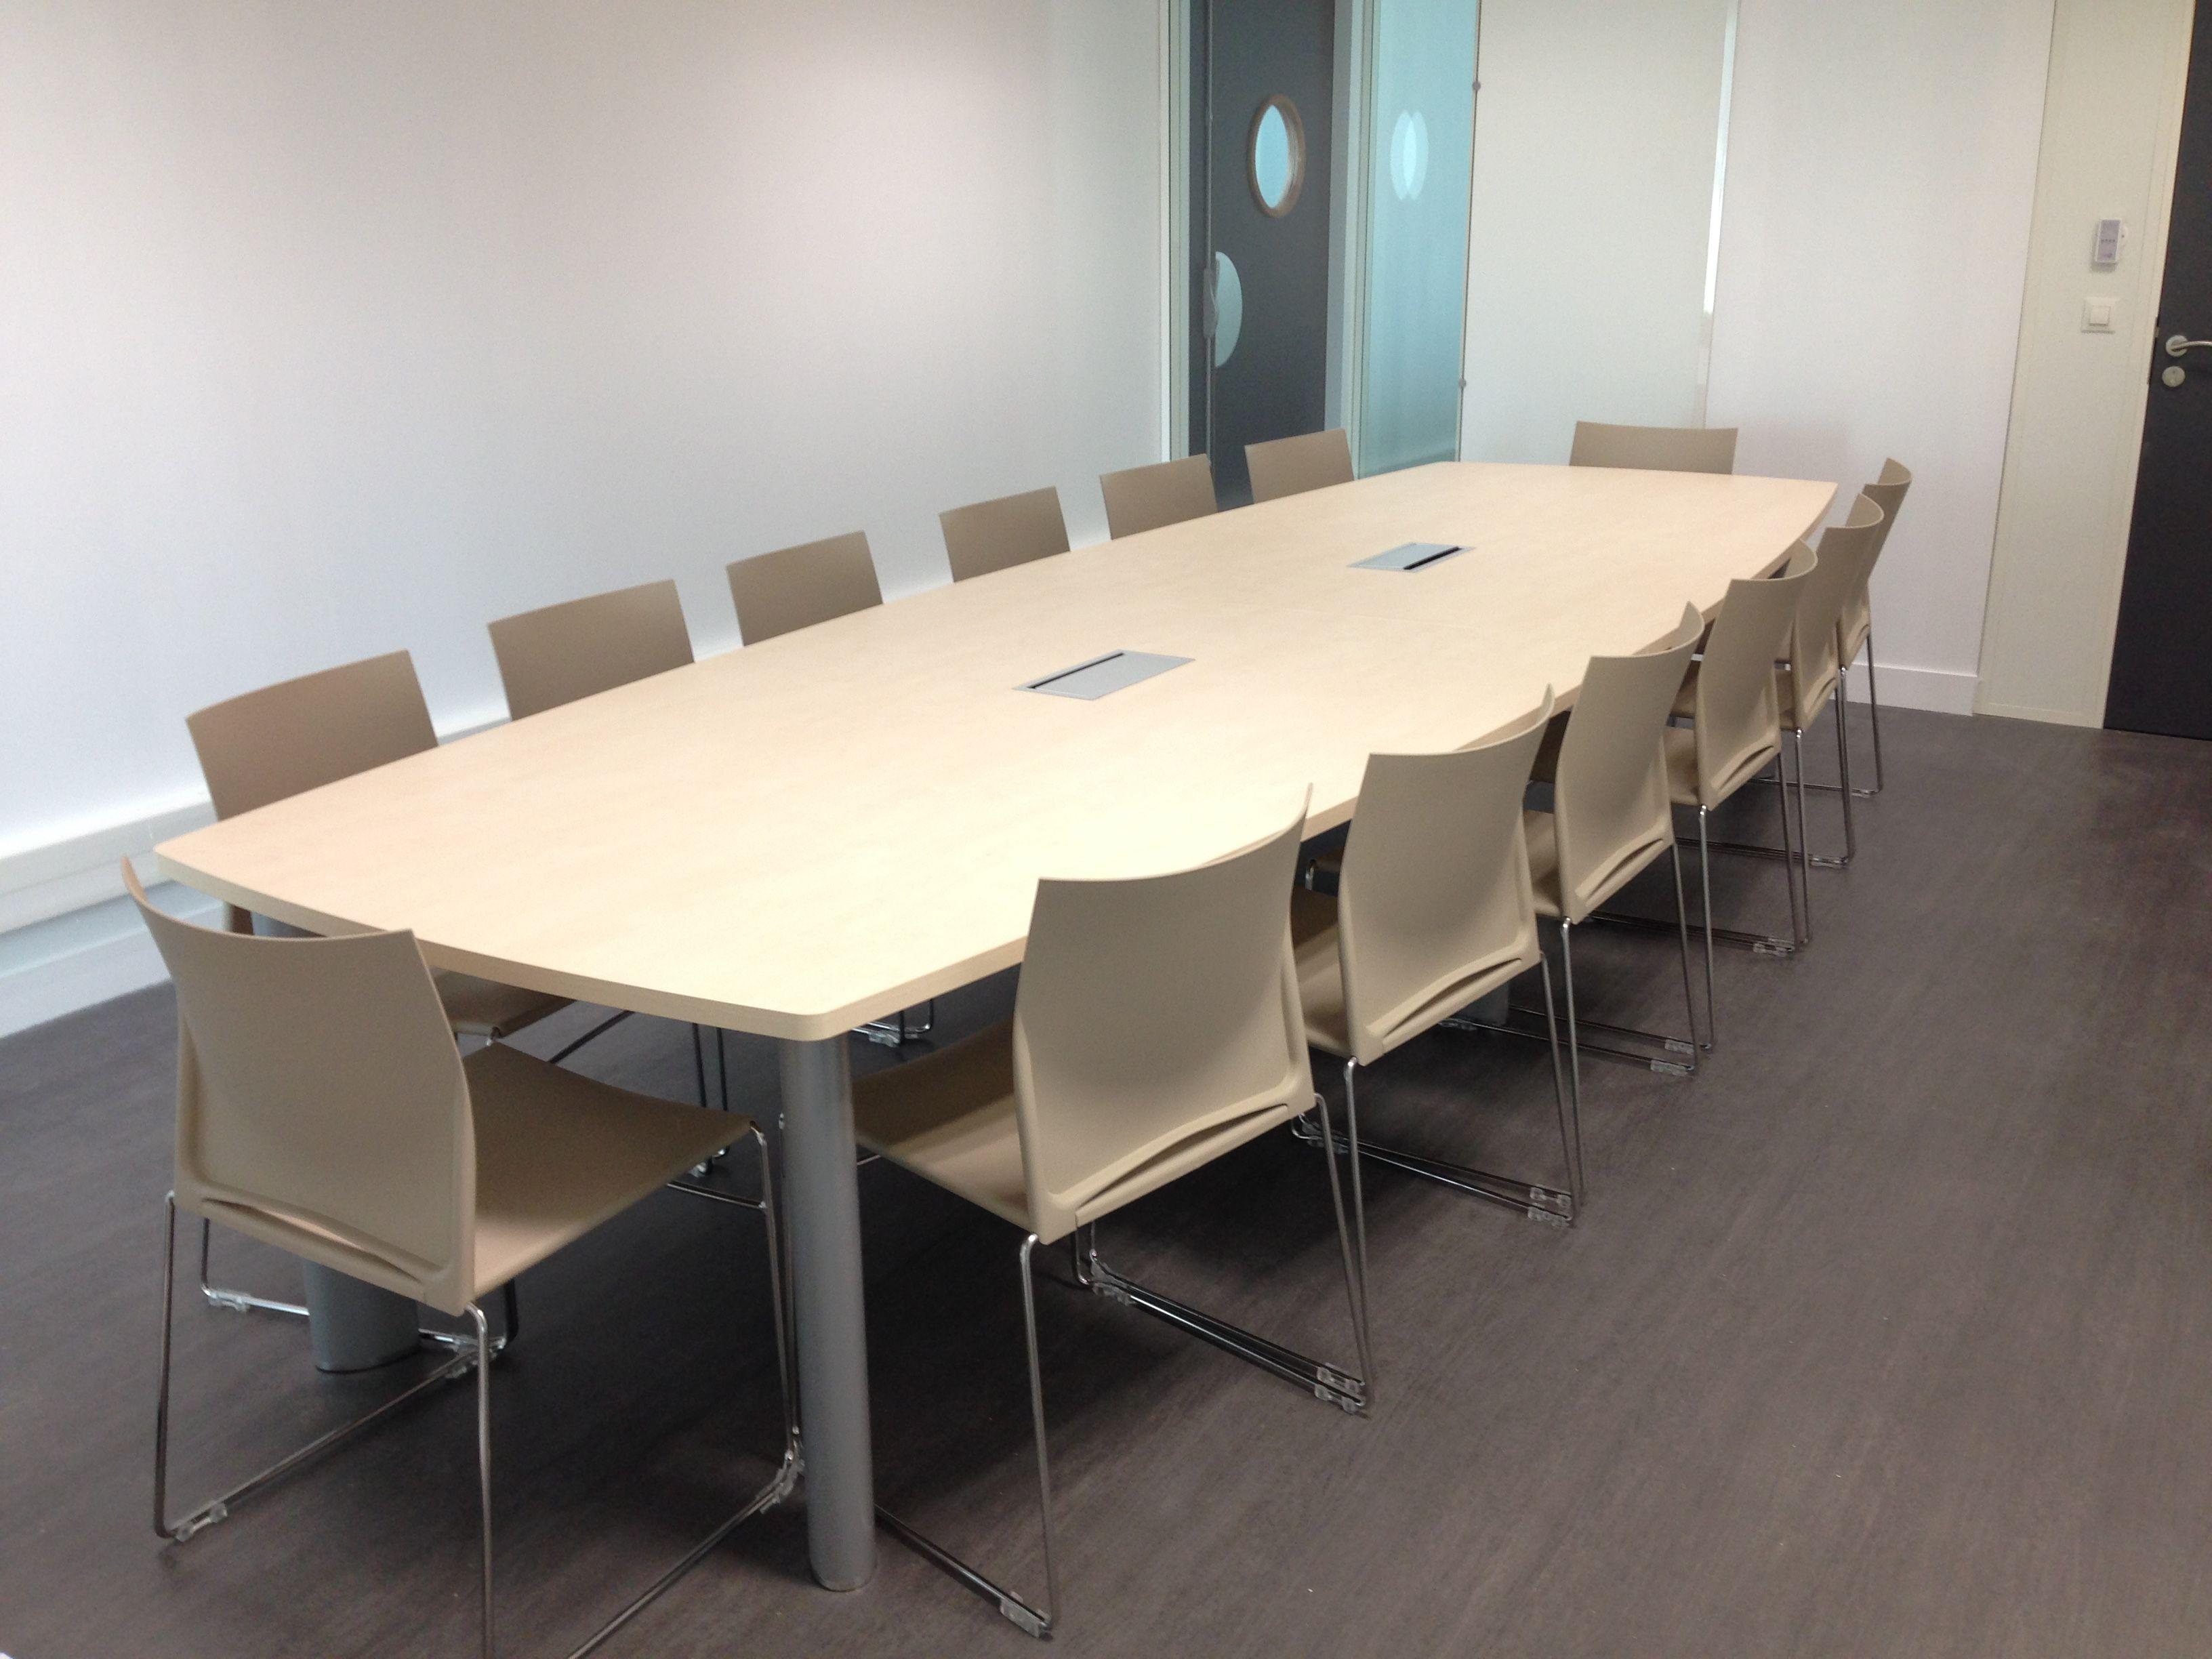 salle de r union quip e d 39 une table fr gate clen et de chaises c01 web columbia nos. Black Bedroom Furniture Sets. Home Design Ideas